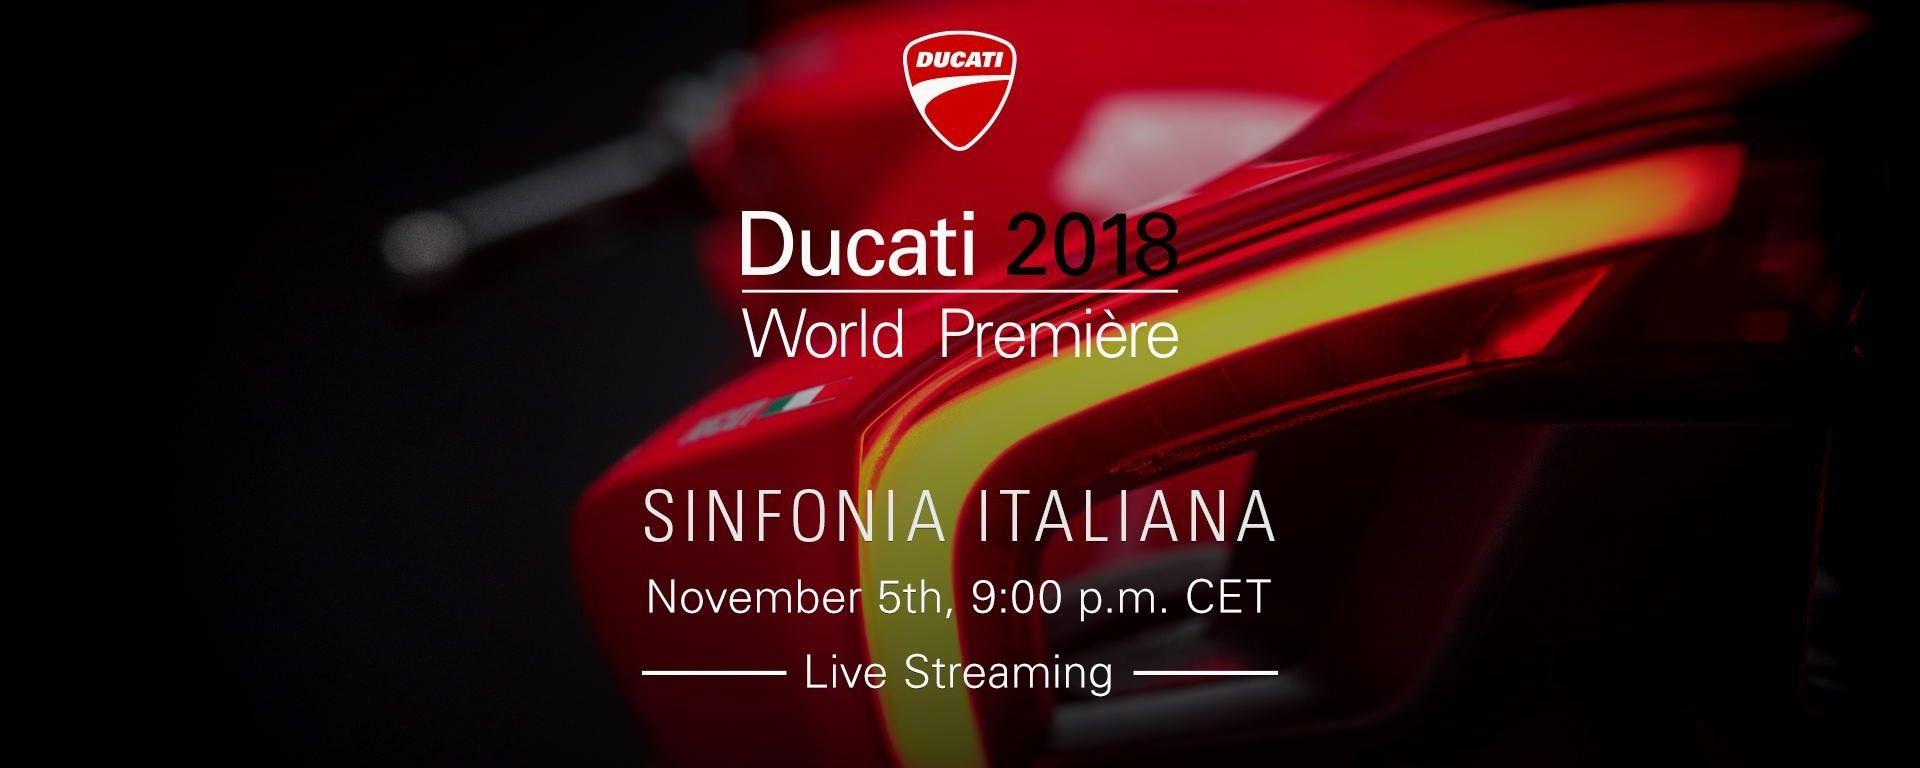 Ducati 2018 World Première - Eicma 2018